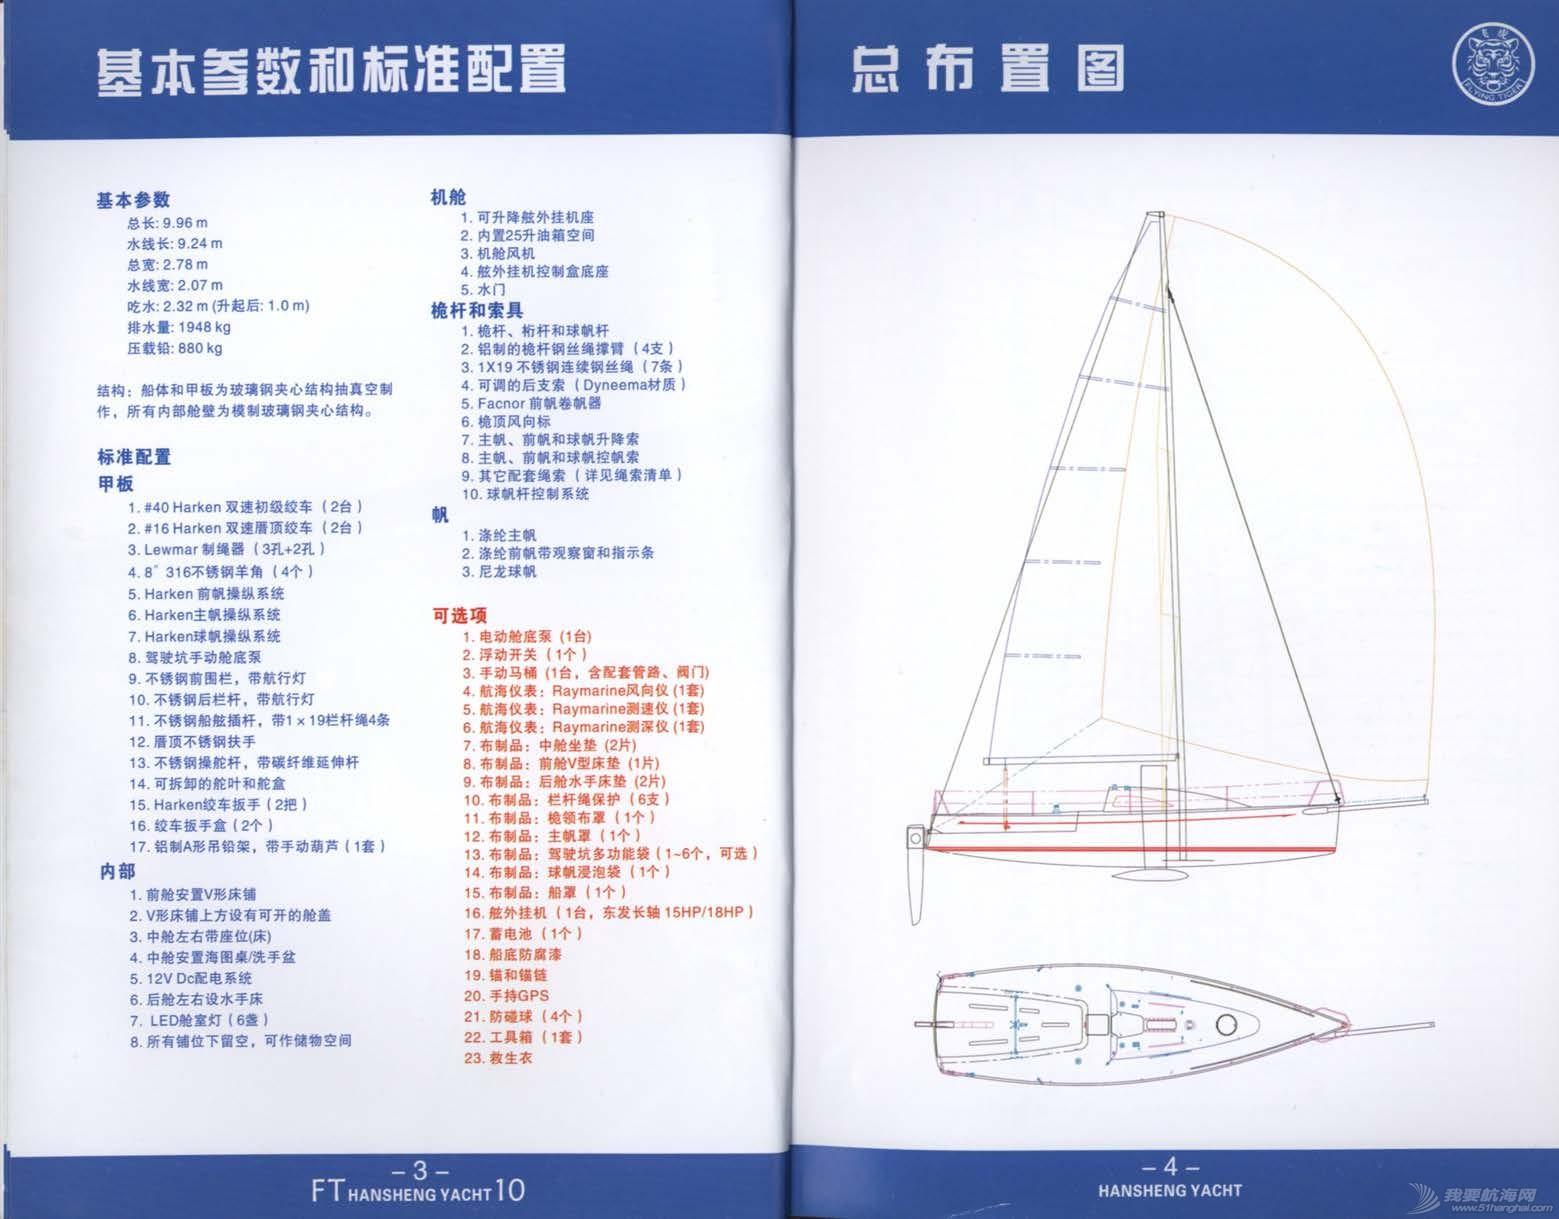 帆船,用户 《飞虎系列竞赛帆船用户手册》PDF下载 八米飞虎和十米飞虎 4.jpg